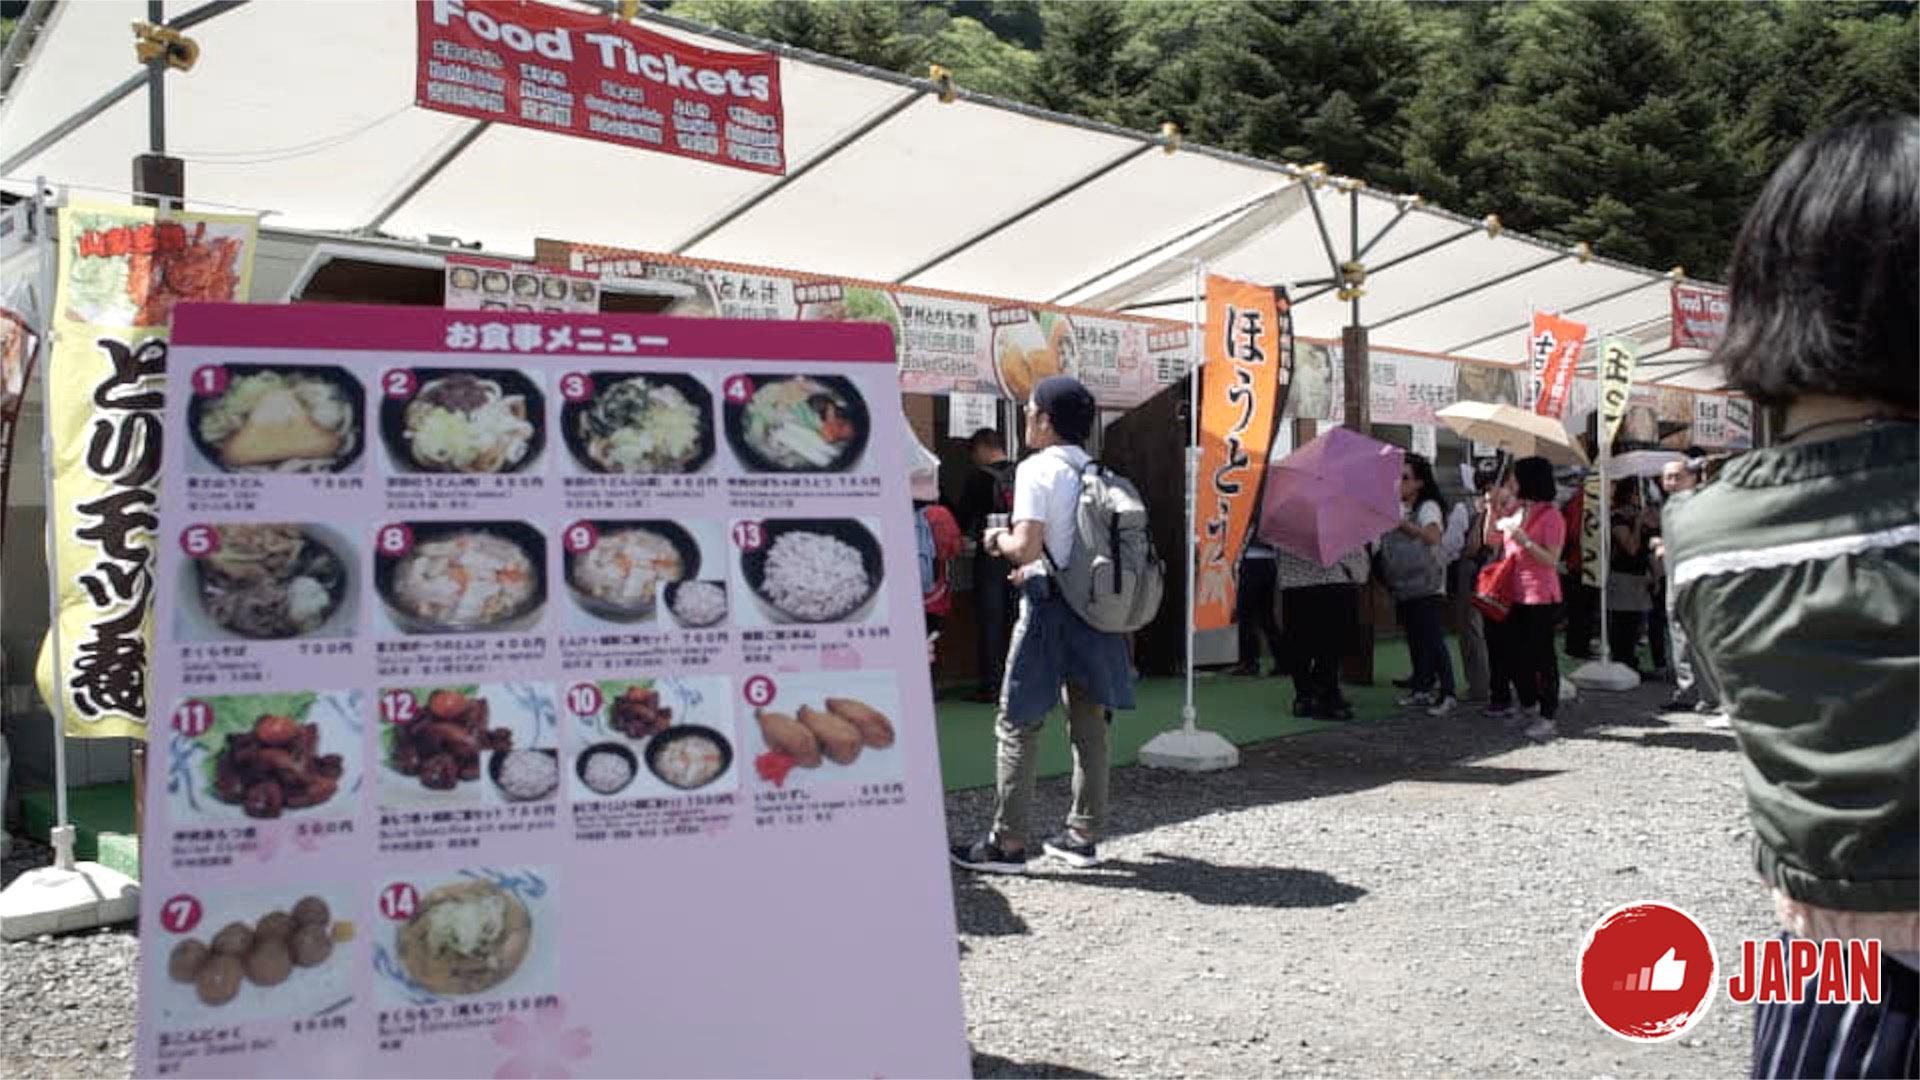 【貝遊日本】日本關東賞花花(二)富士芝櫻祭